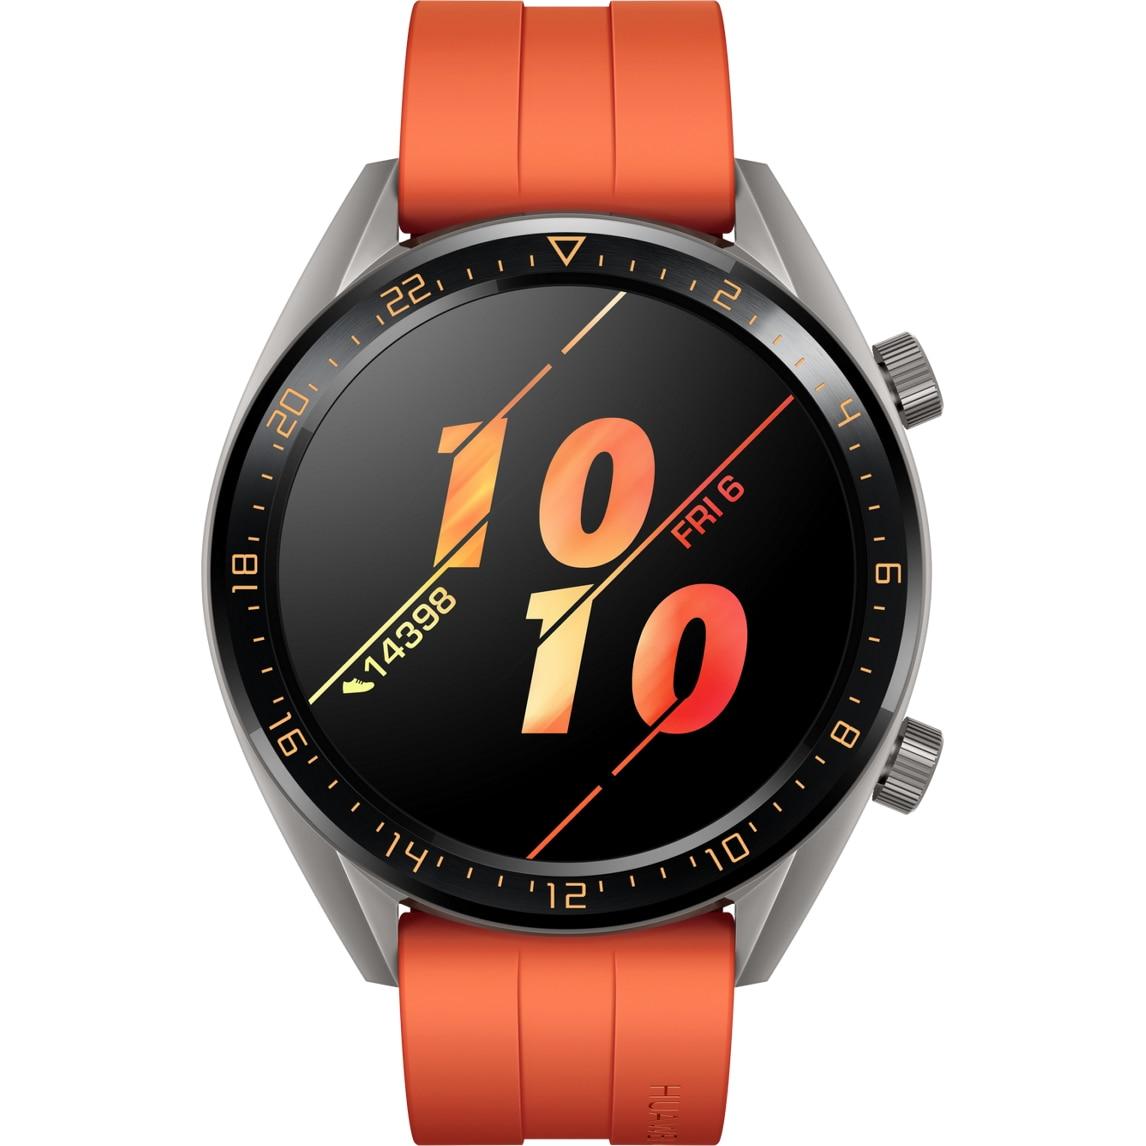 Fotografie Ceas smartwatch Huawei Watch GT, Orange